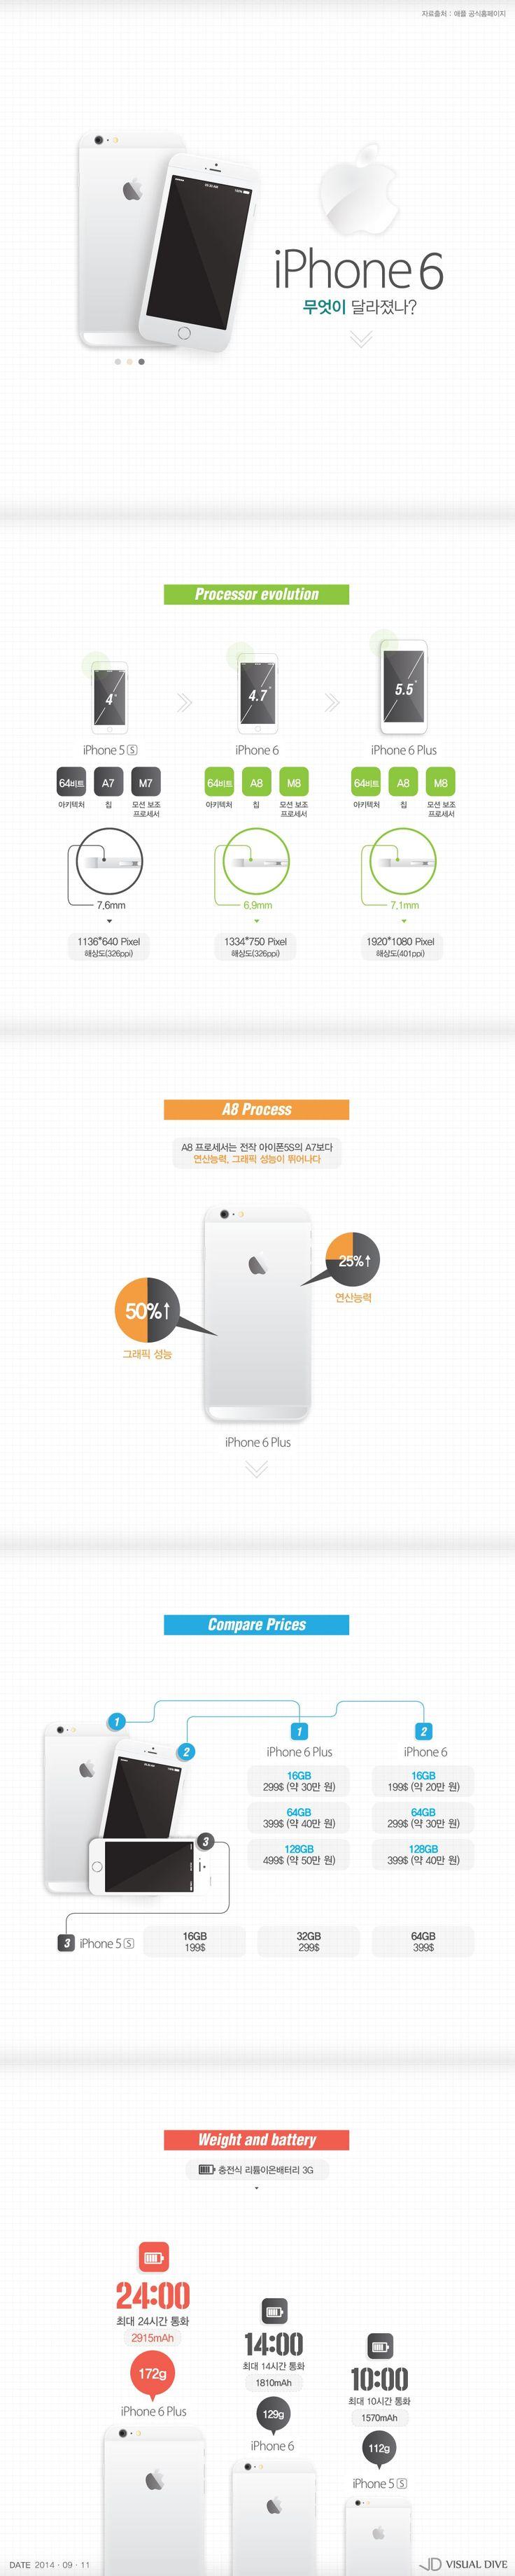 공개된 아이폰6, 무엇이 다른가 [인포그래픽] #iPhone6 / #Infographic ⓒ 비주얼다이브 무단 복사·전재·재배포 금지